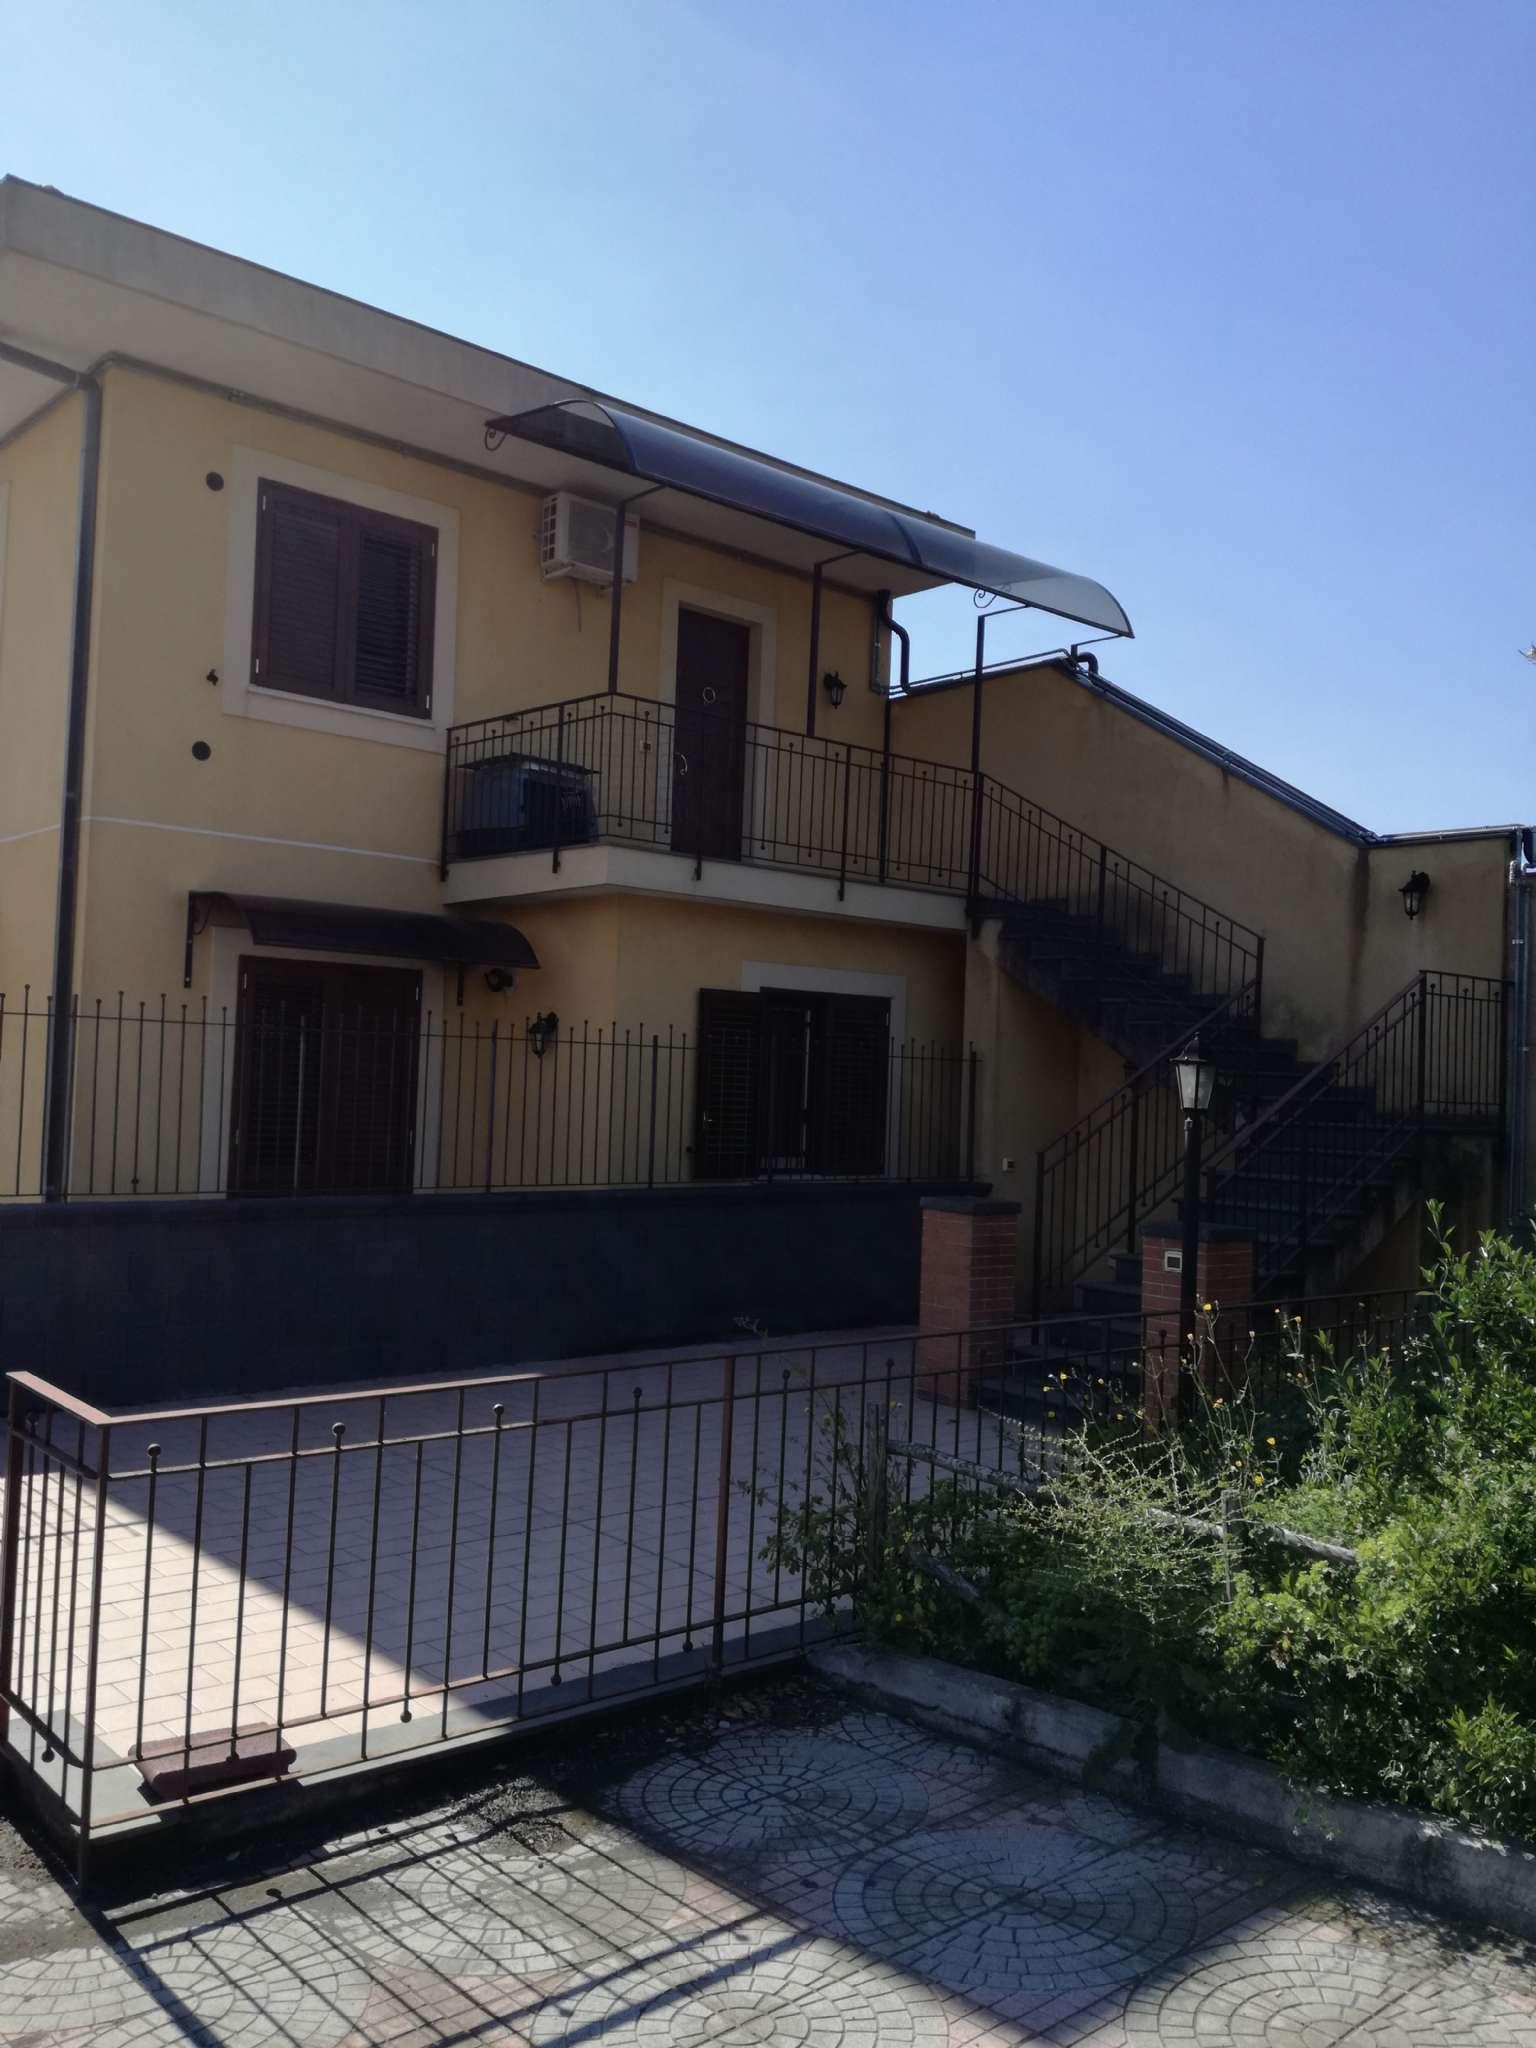 Appartamento in vendita a Mascalucia, 3 locali, prezzo € 170.000 | CambioCasa.it